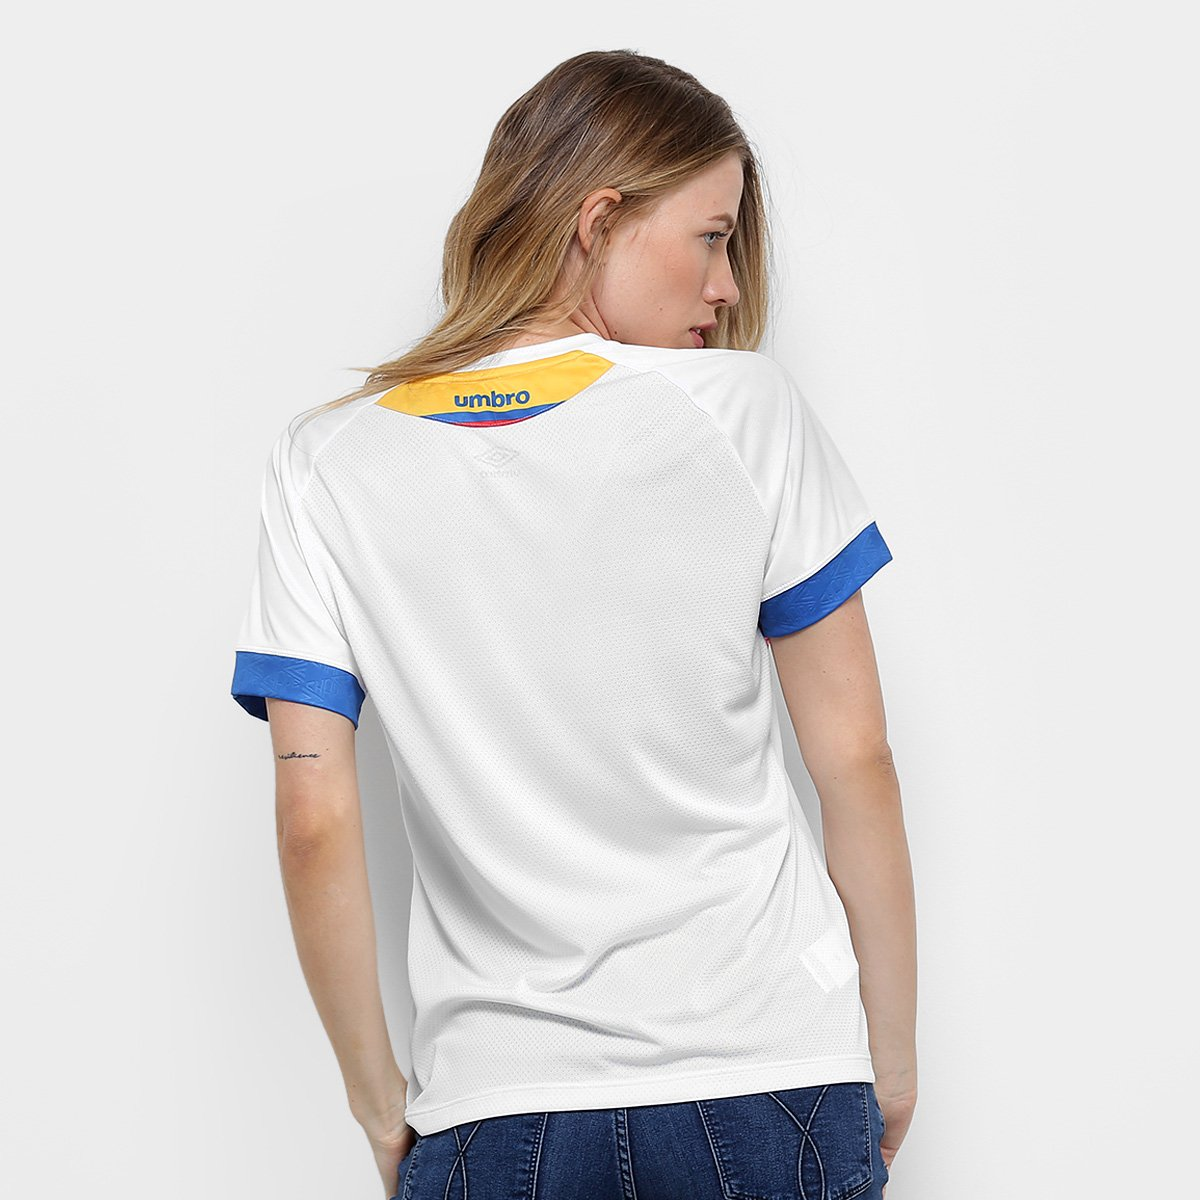 Pasion n° II 2018 e Branco Camisa Umbro Feminina Chapecoense Torcedor Azul La s Ixq6fYwA